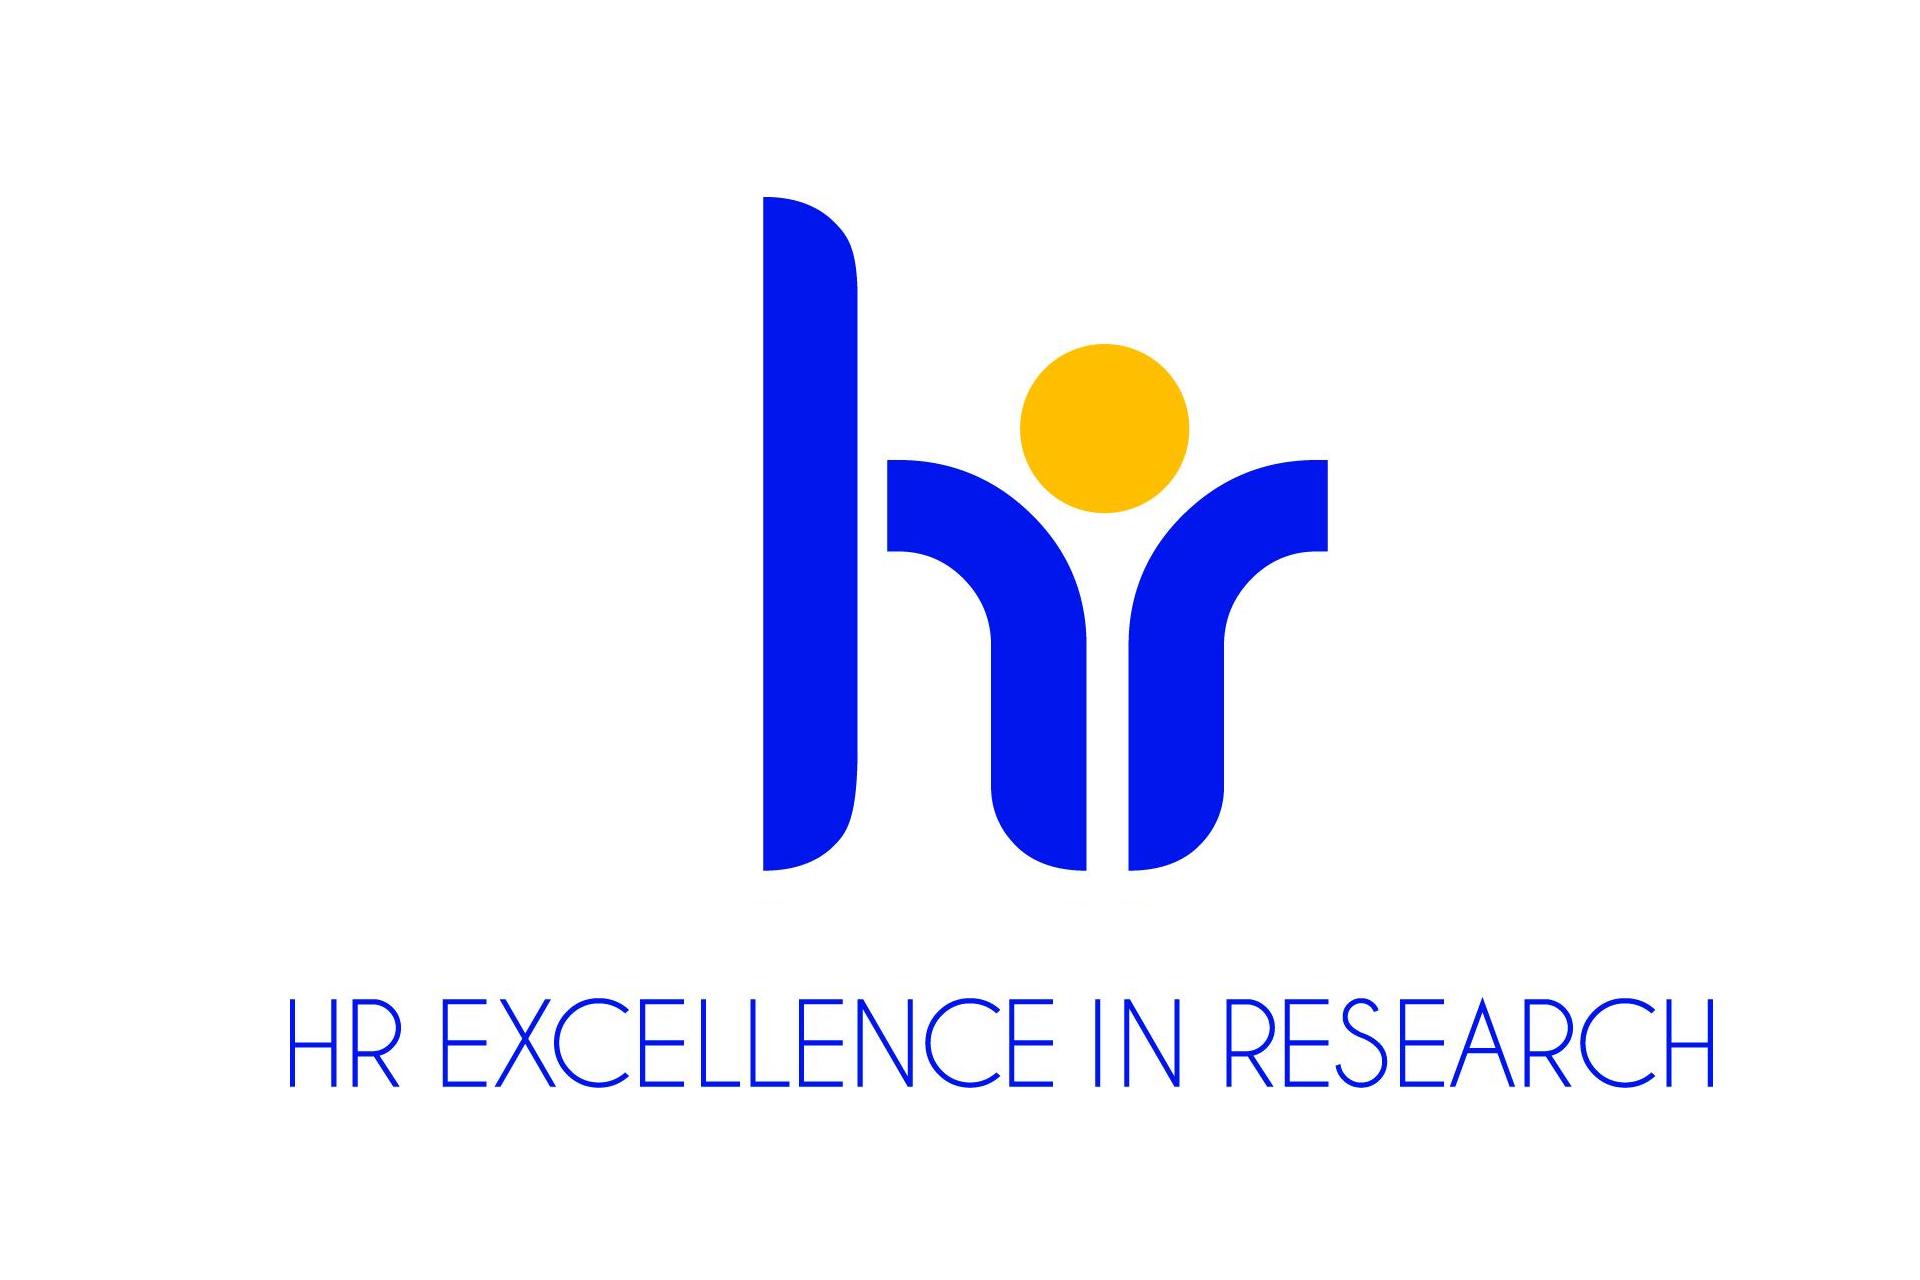 logótipo HRS4R